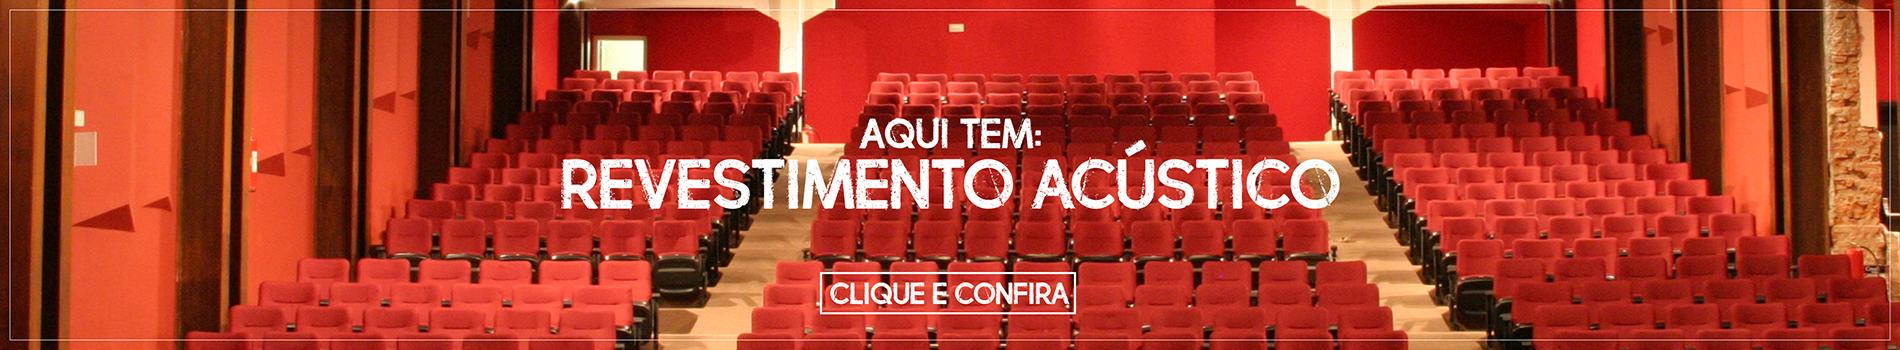 http://www.artesana.com.br/revestimentos-acusticos/revestimento-acustico Acústico